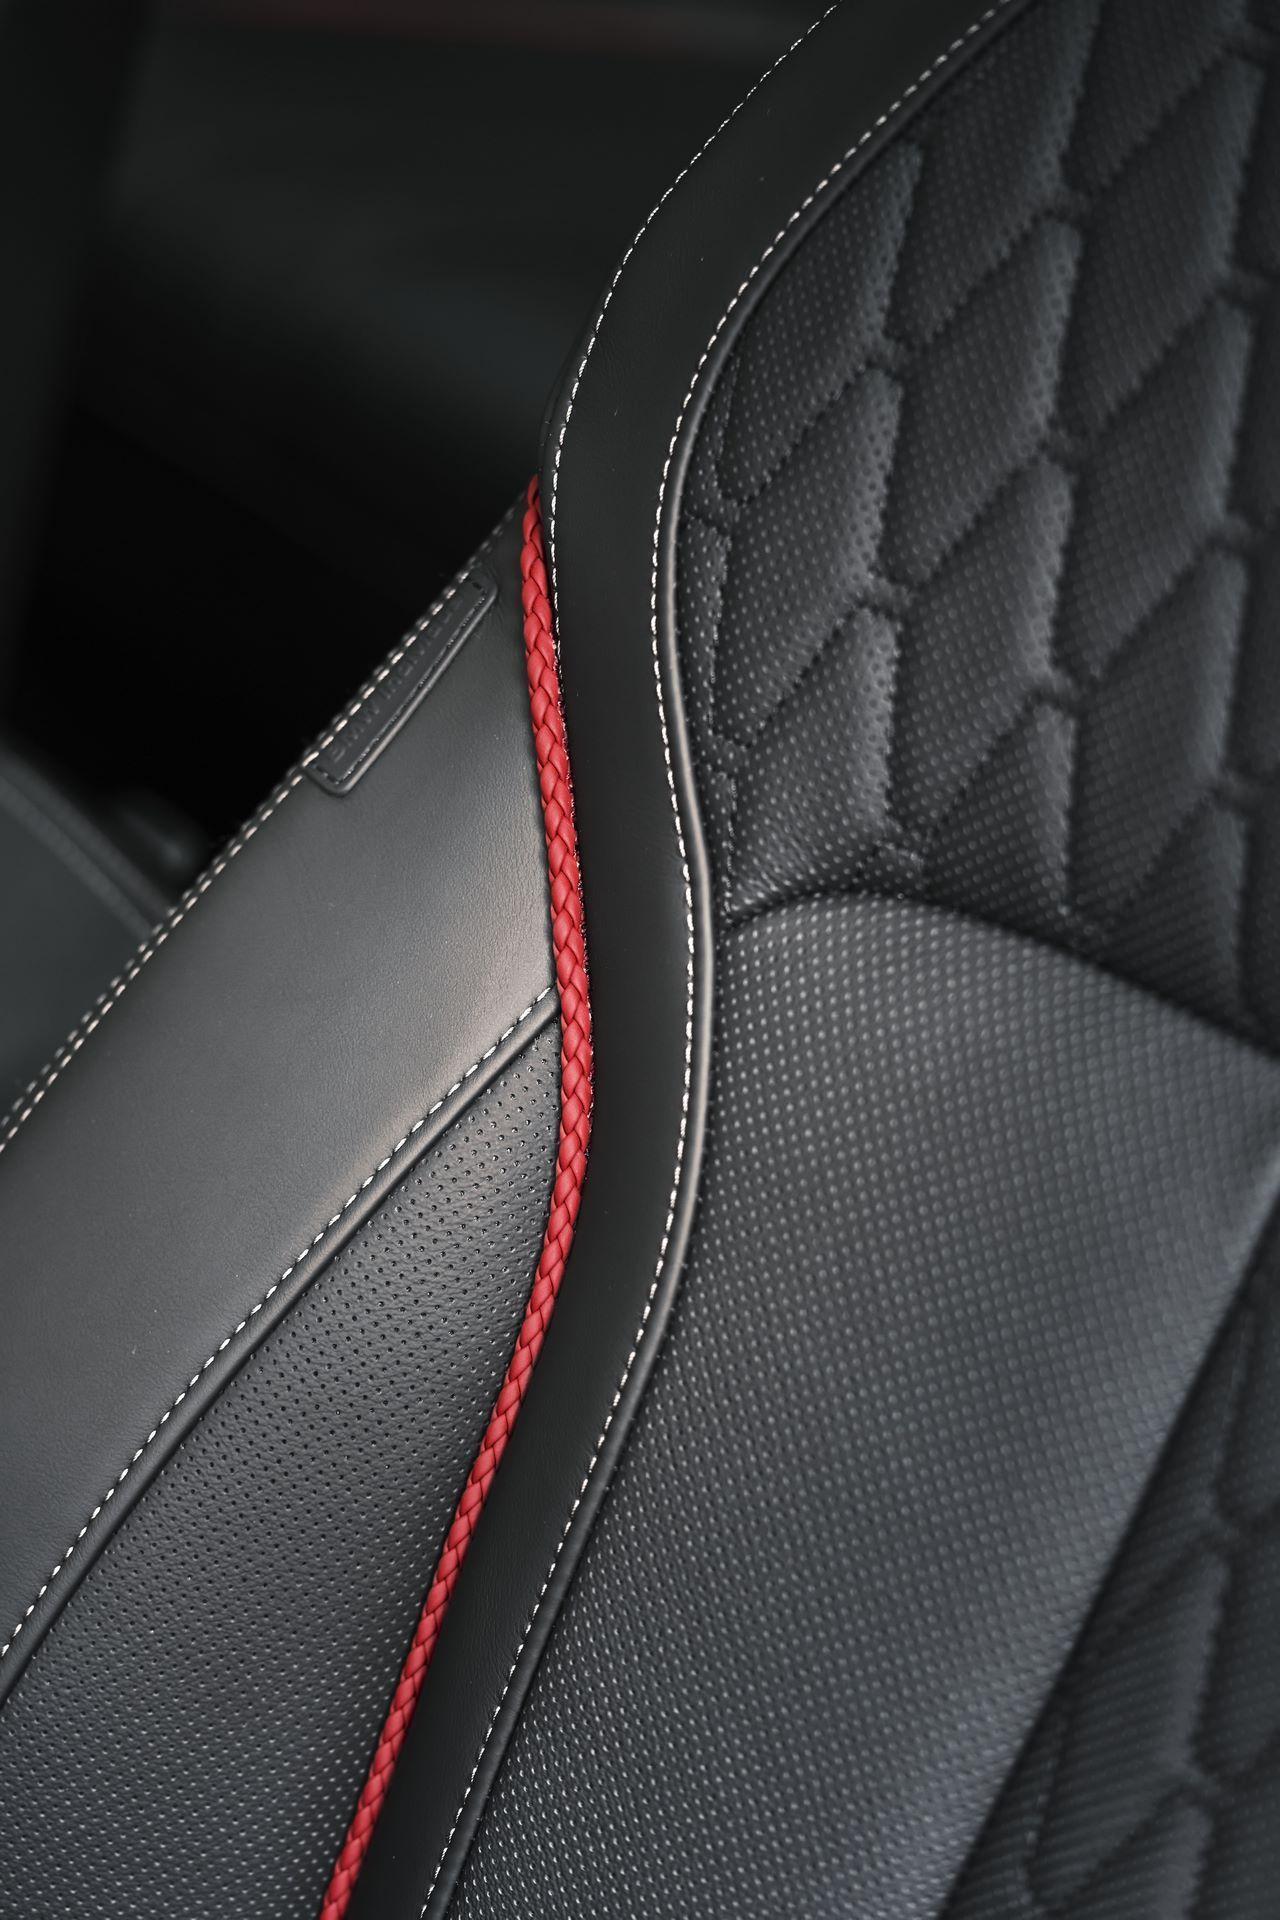 BMW-X5-Χ6-Black-Vermilion-X7-Limited-Edition-21